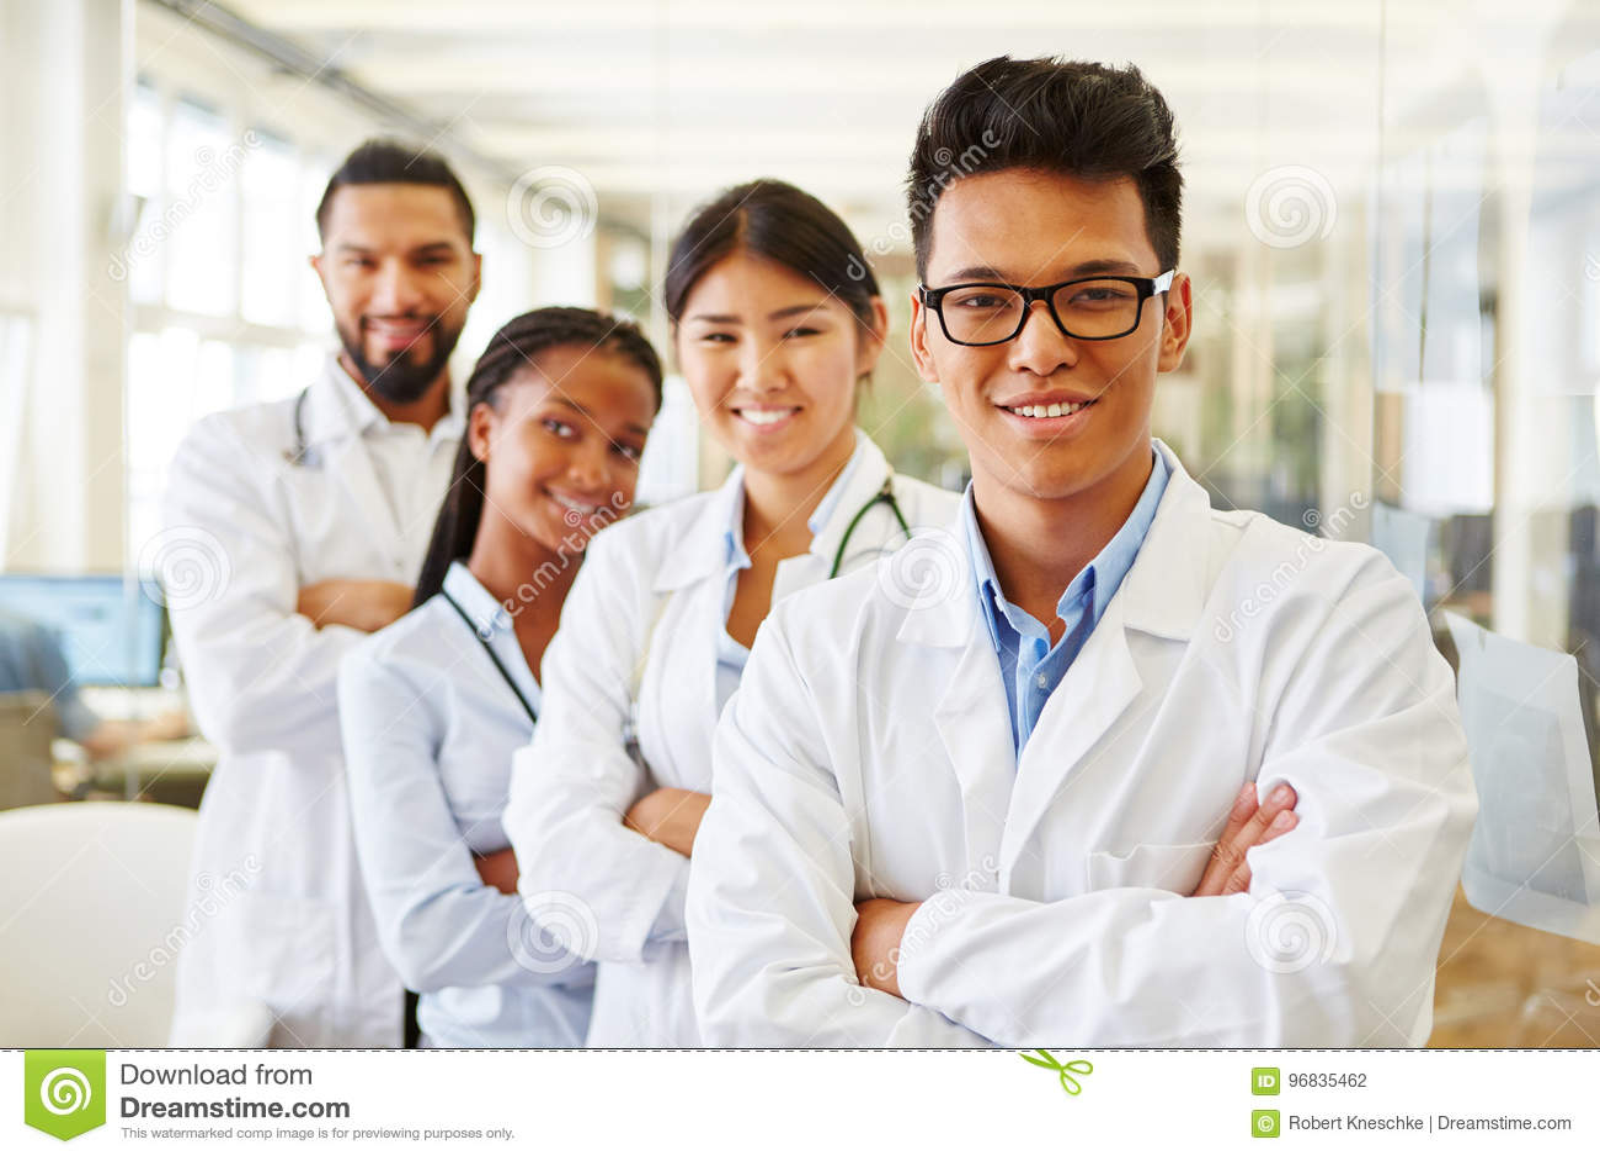 Equipo acertado de doctores y de estudiantes jovenes